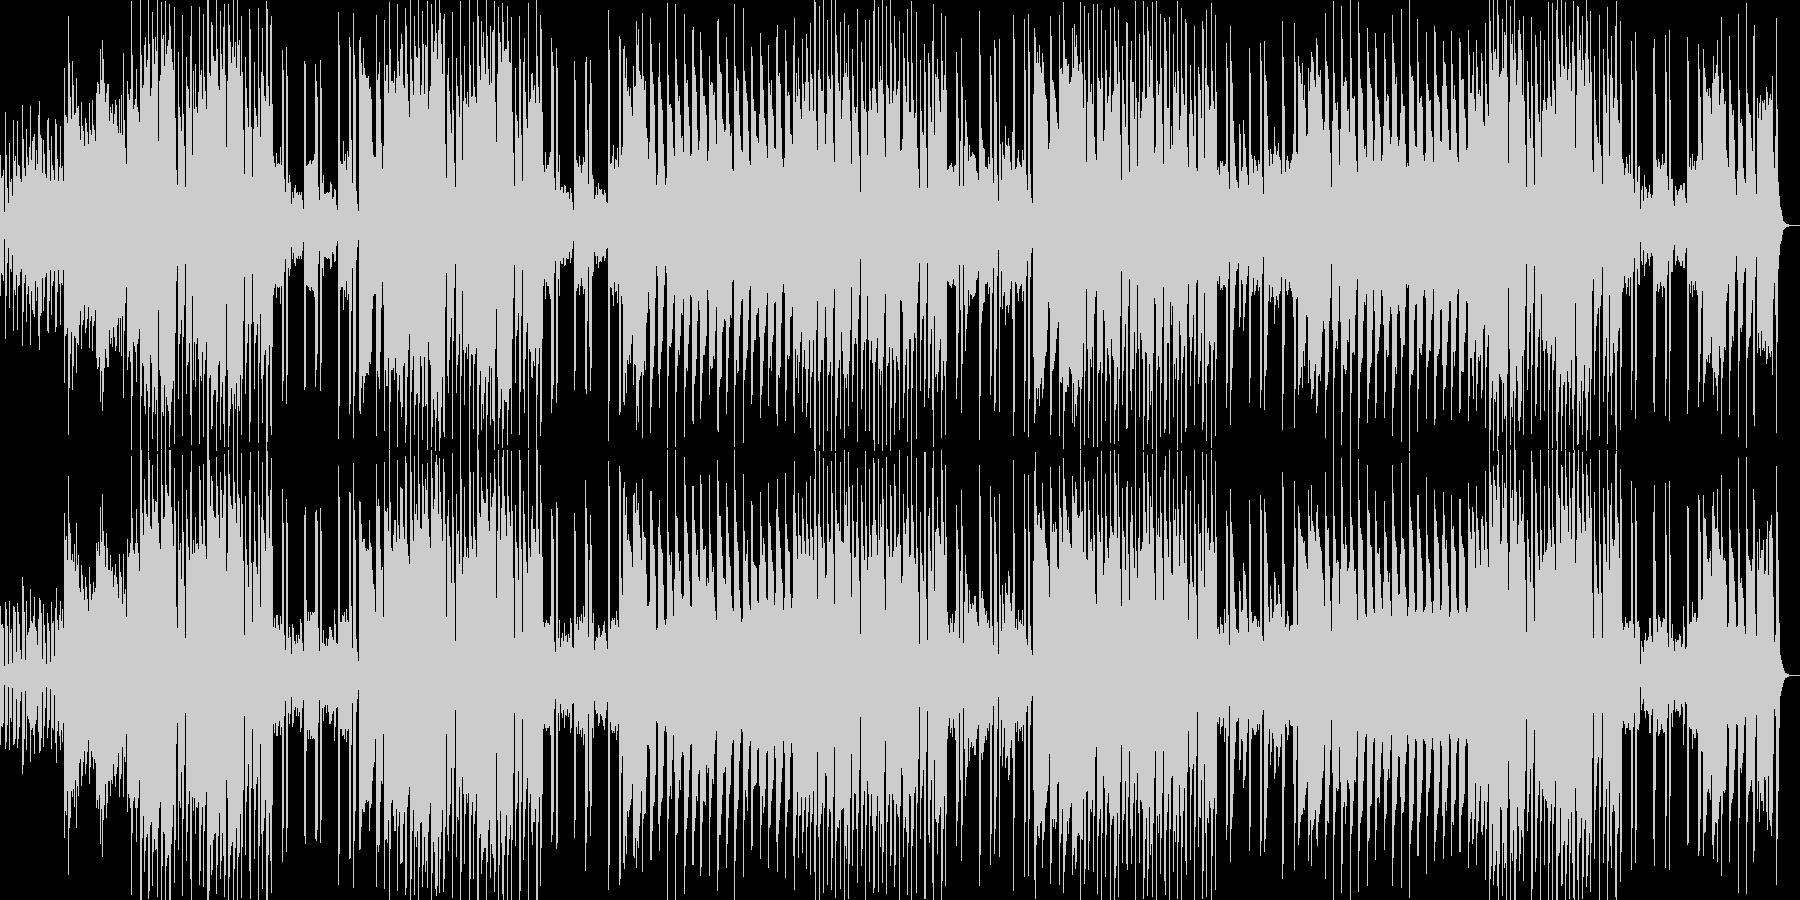 明るく楽しいメロディのポップスの未再生の波形